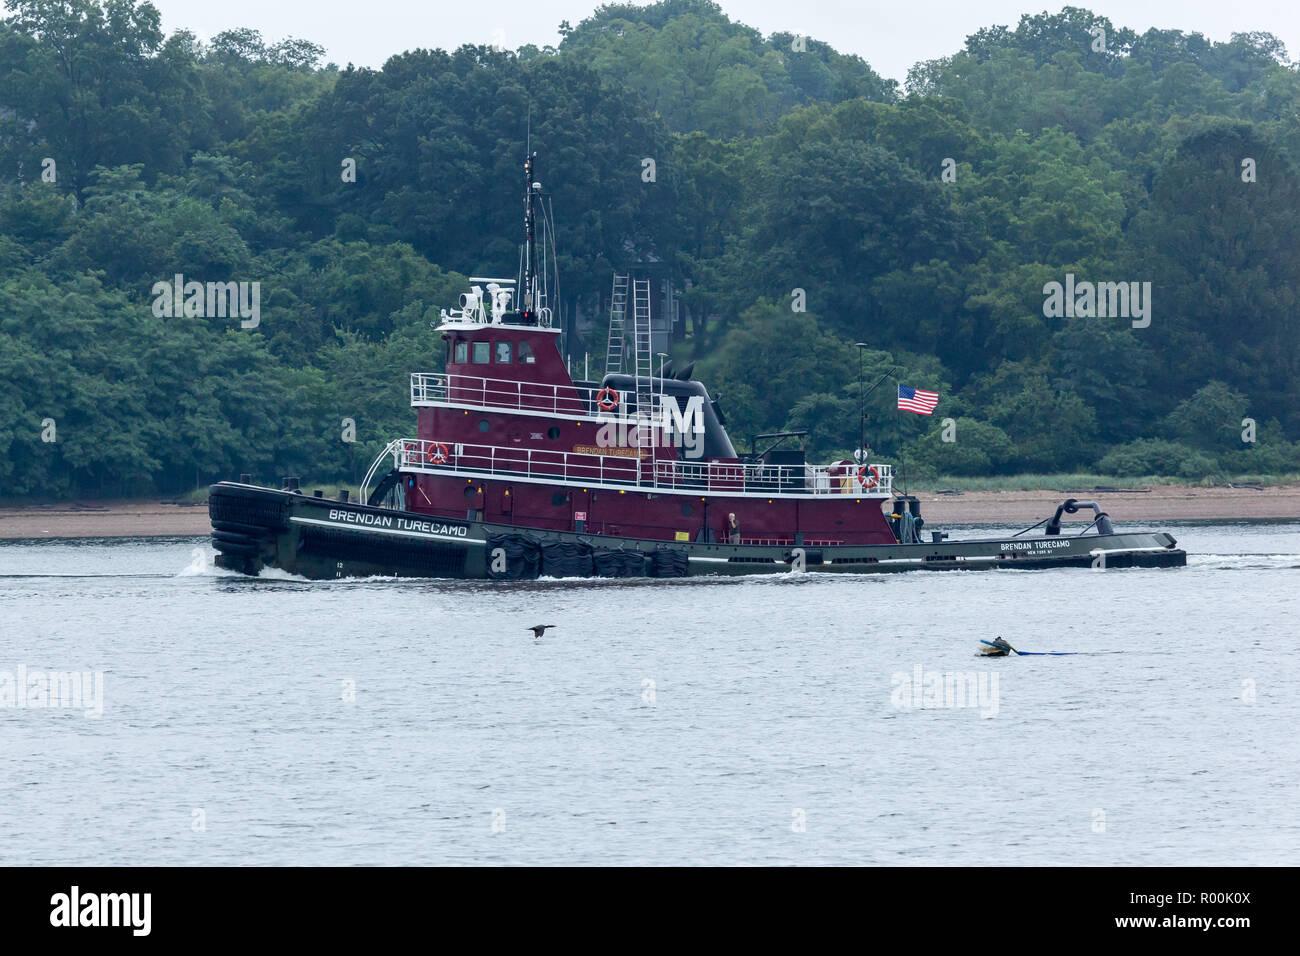 PERTH AMBOY, Nueva Jersey - Agosto 7, 2017: el remolcador Turecamo Brendan viaja el Arthur Kill entre Nueva Jersey y Staten Island. Foto de stock